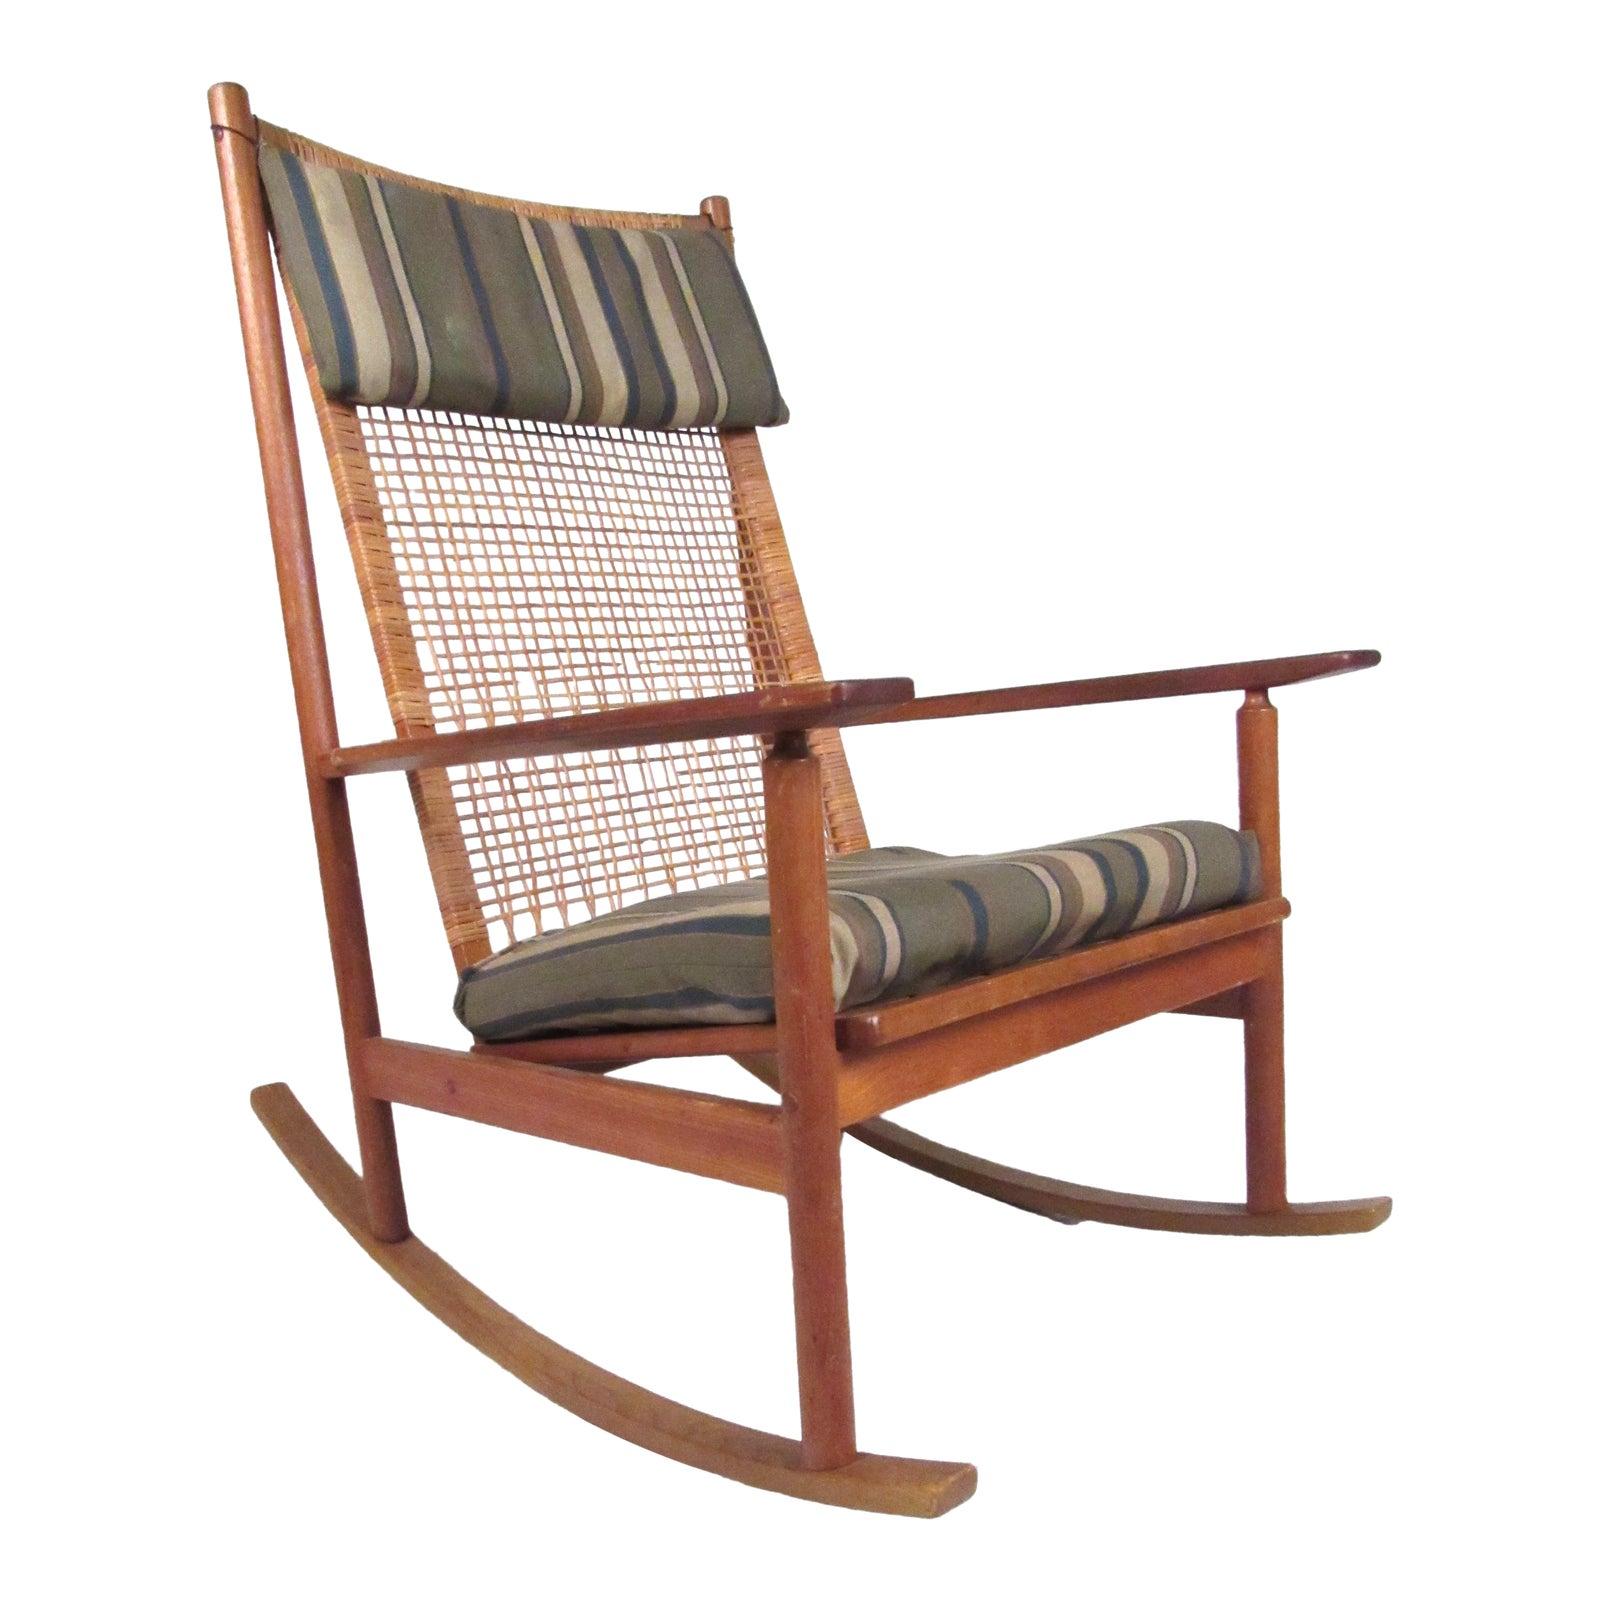 newest 933de ac869 Scandinavian Modern Teak and Cane Rocking Chair by Hans Olsen